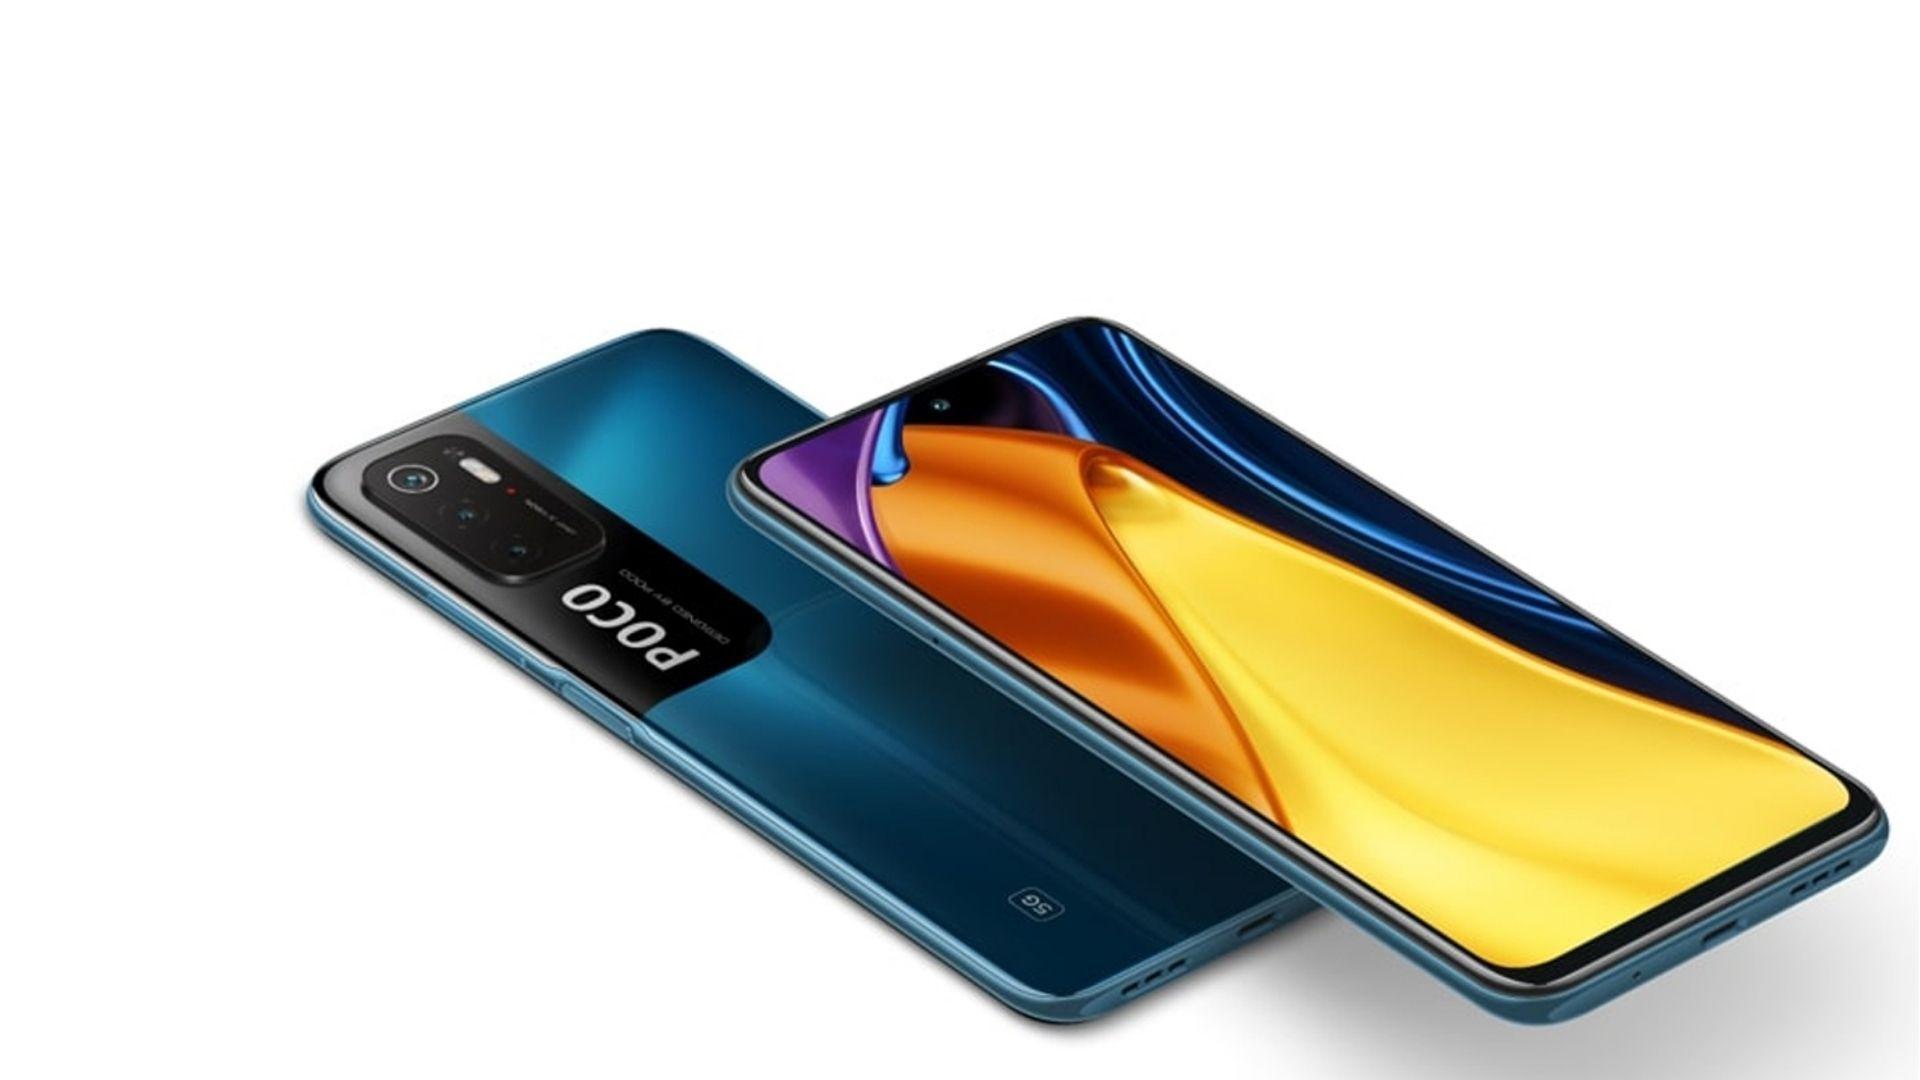 Design do Xiaomi Poco M3 Pro 5G. (Foto: Divulgação/Xiaomi)